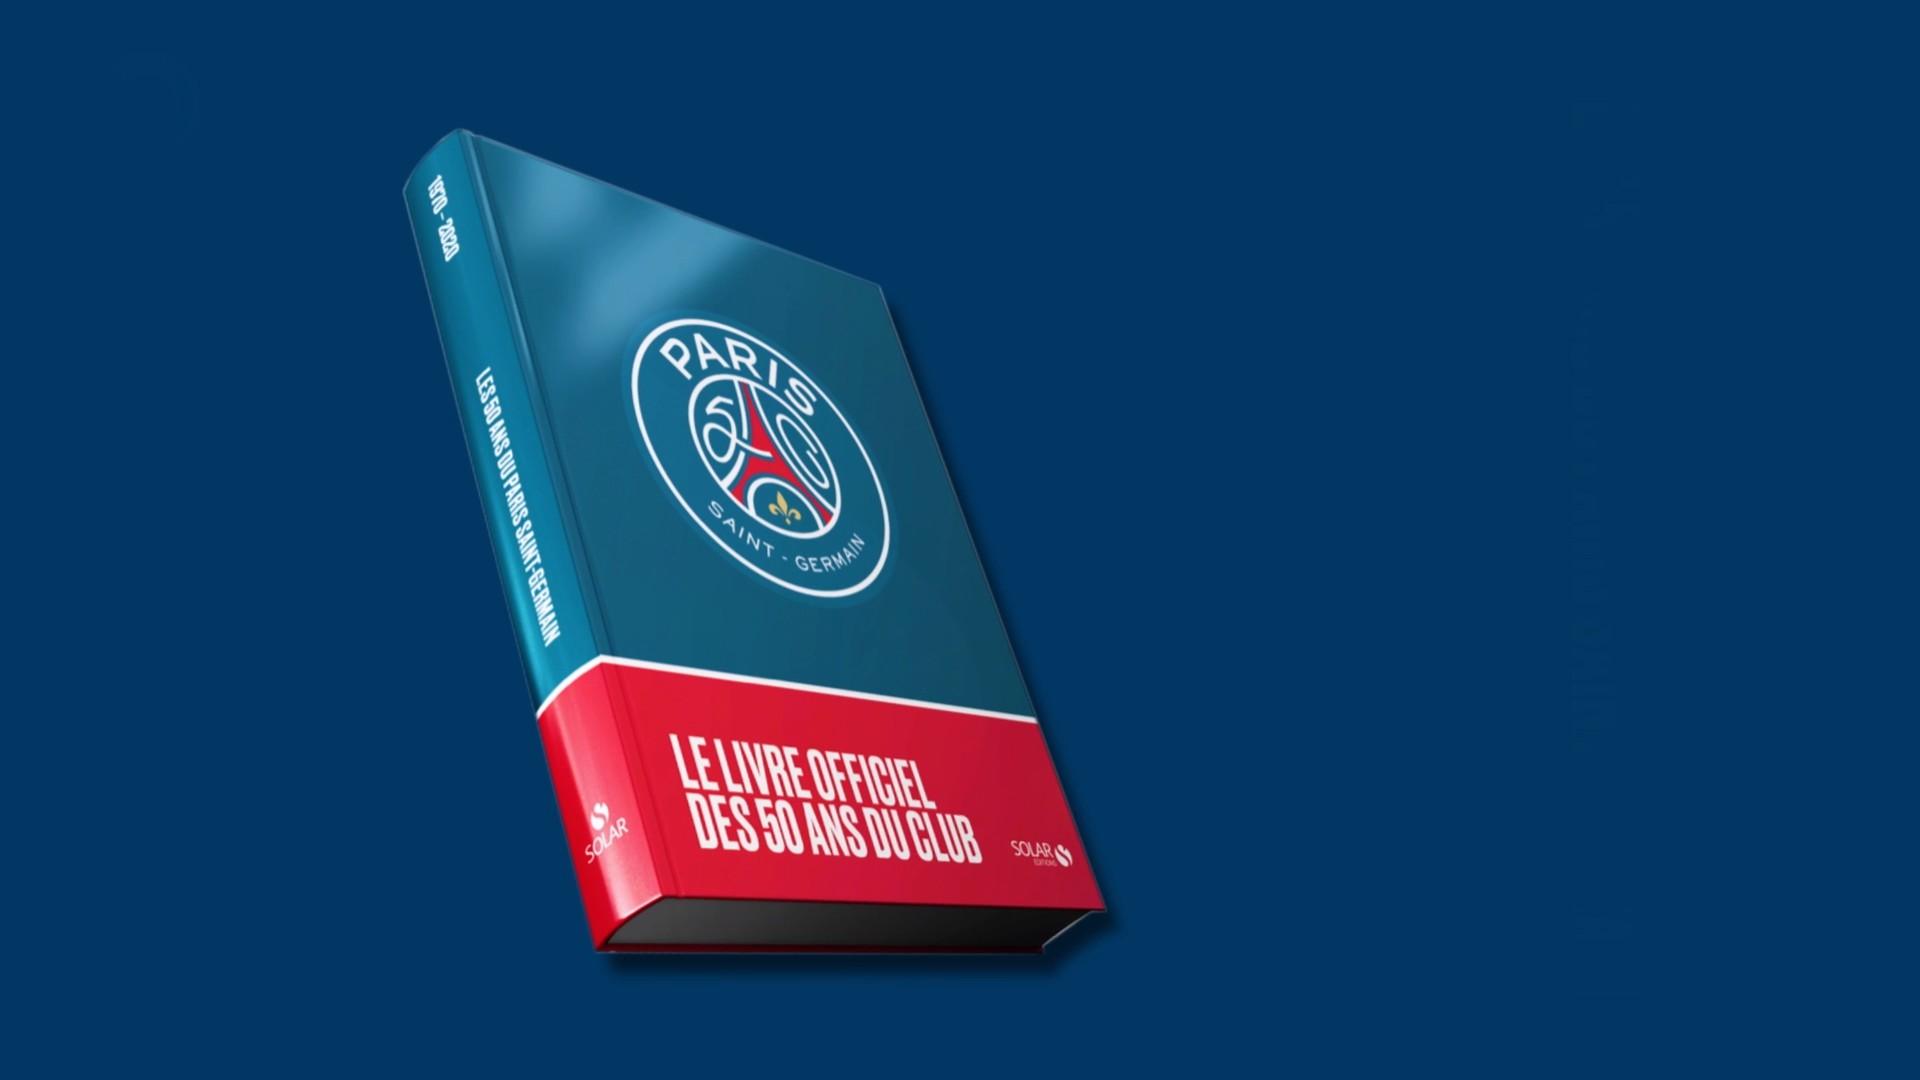 Livres – Le livre officiel des 50 ans du PSG (2020)